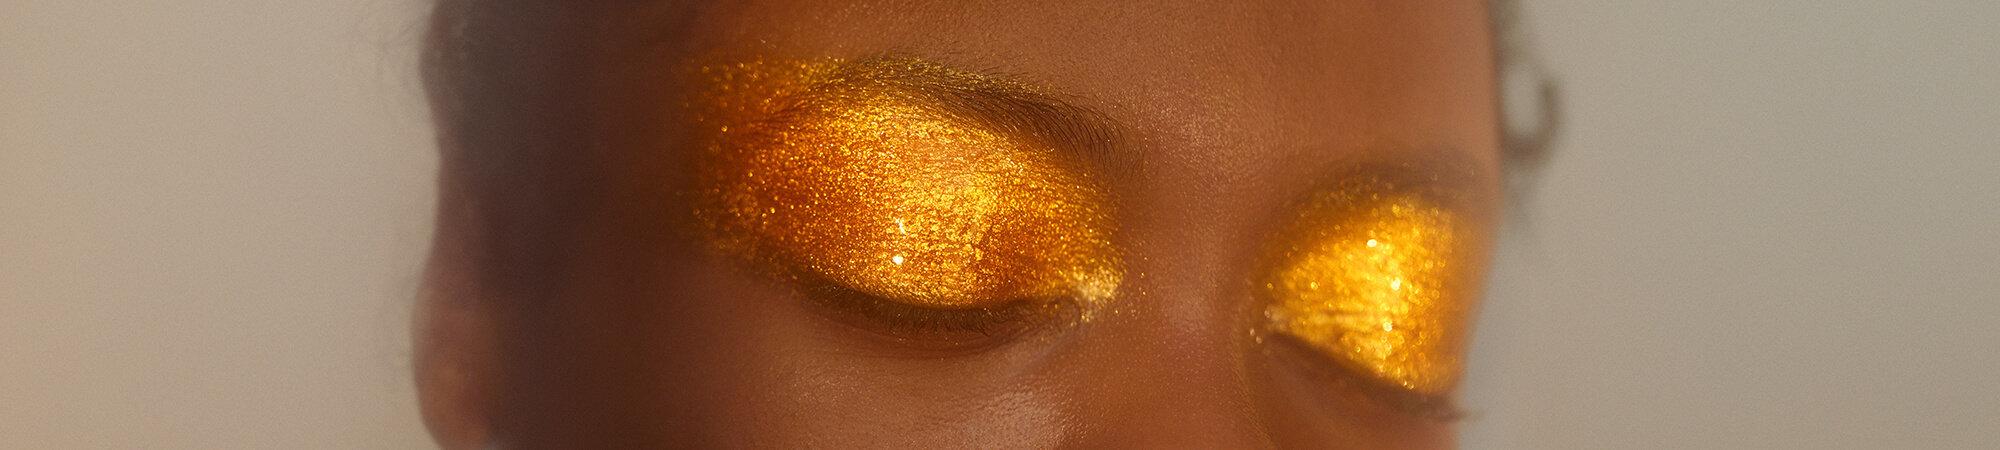 Beauty - Make-up, Skincare, Gift Sets & more | Selfridges